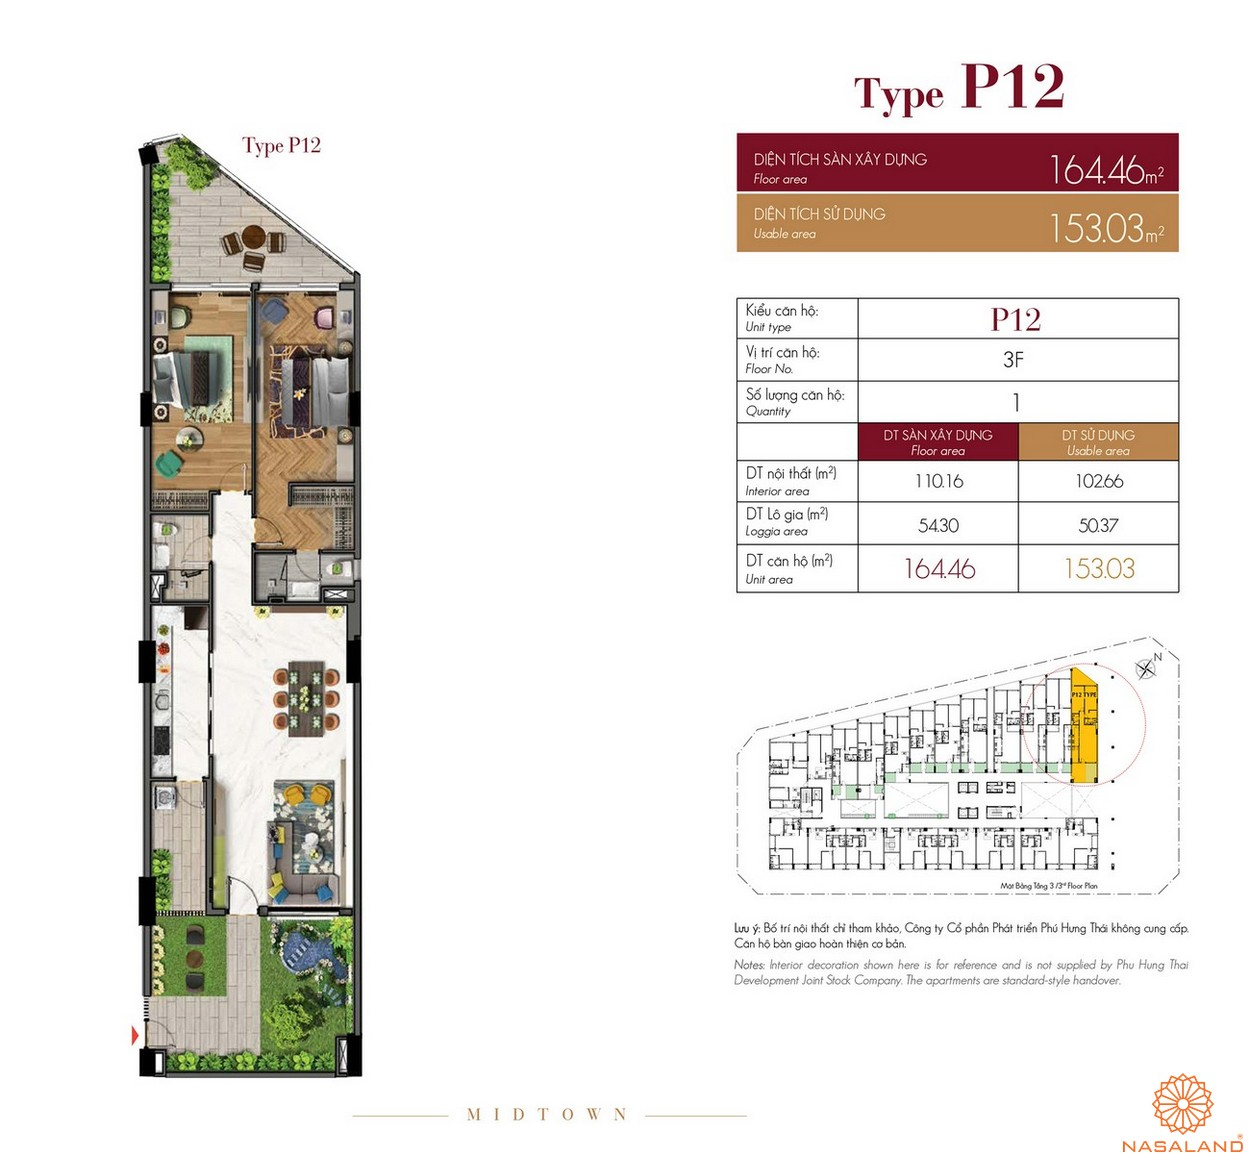 Thiết kế căn hộ Type P12 dự án The Grande Midtown quận 7